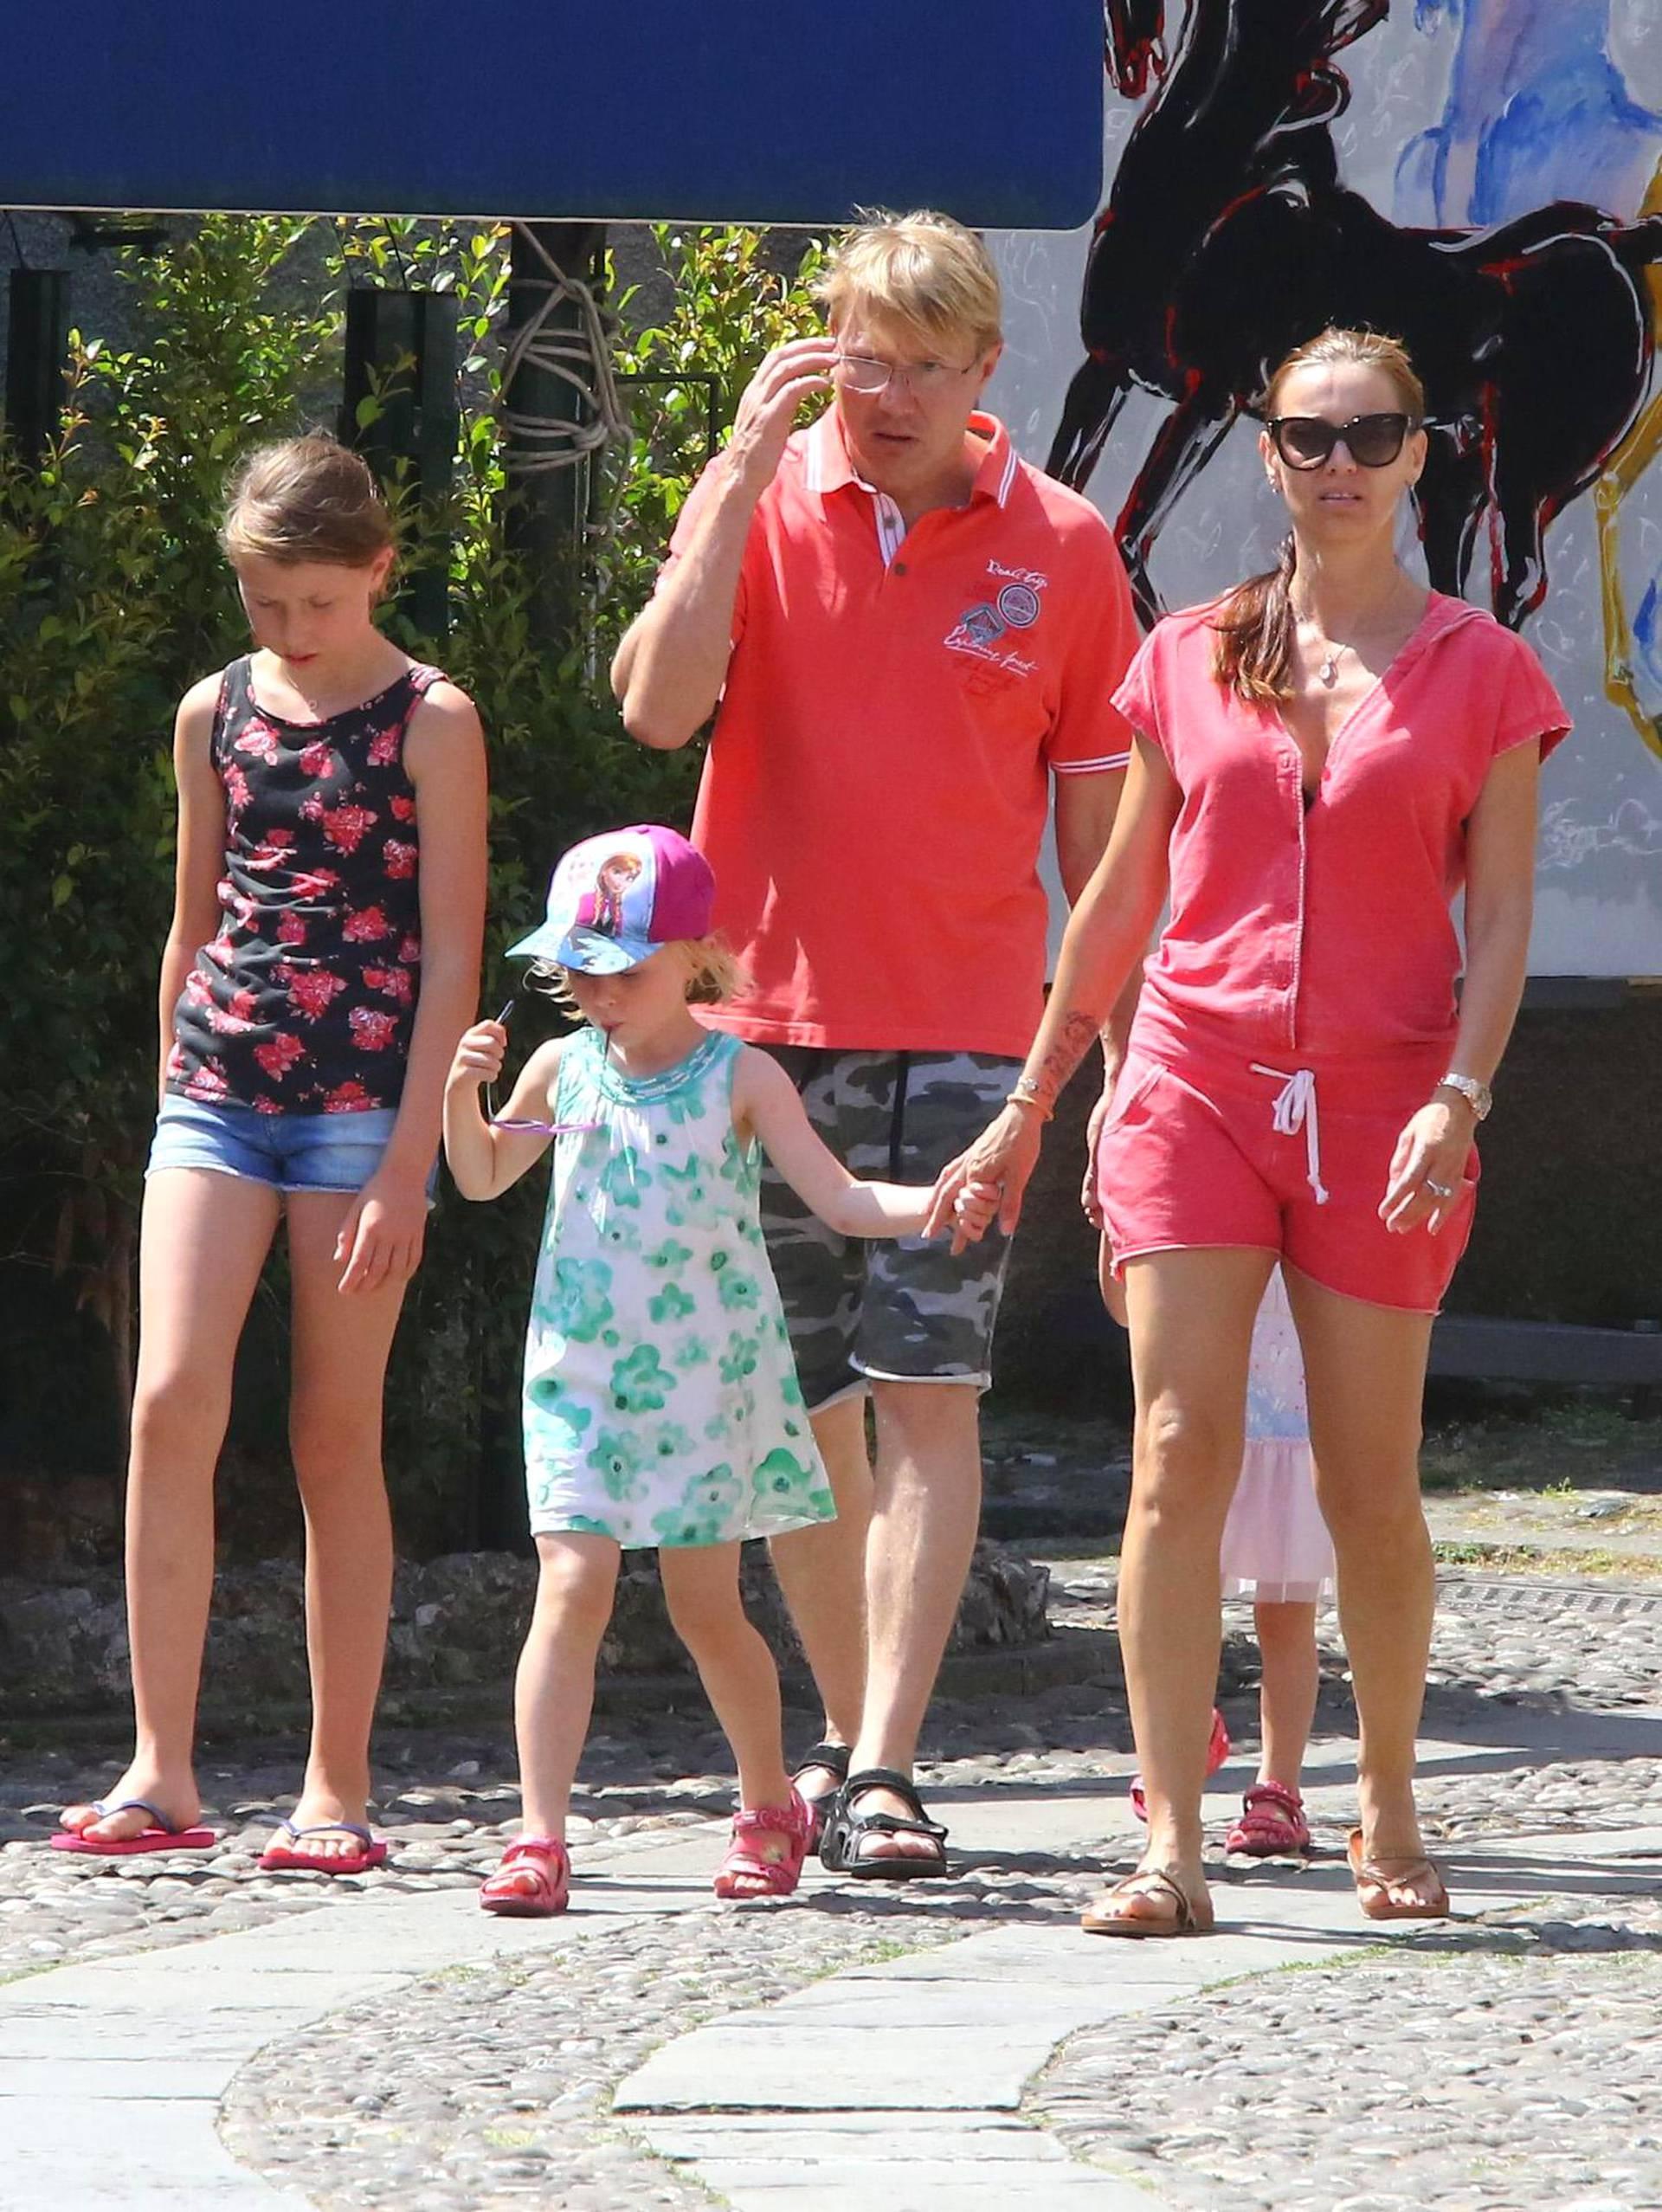 Mika ja Marketa päiväkävelyllä lastensa Ellan, Danielin ja Lynnin kanssa. Mukana menossa oli myös Häkkisen ja hänen ex-vaimonsa Erjan 11-vuotias Aina-tytär (vas.).